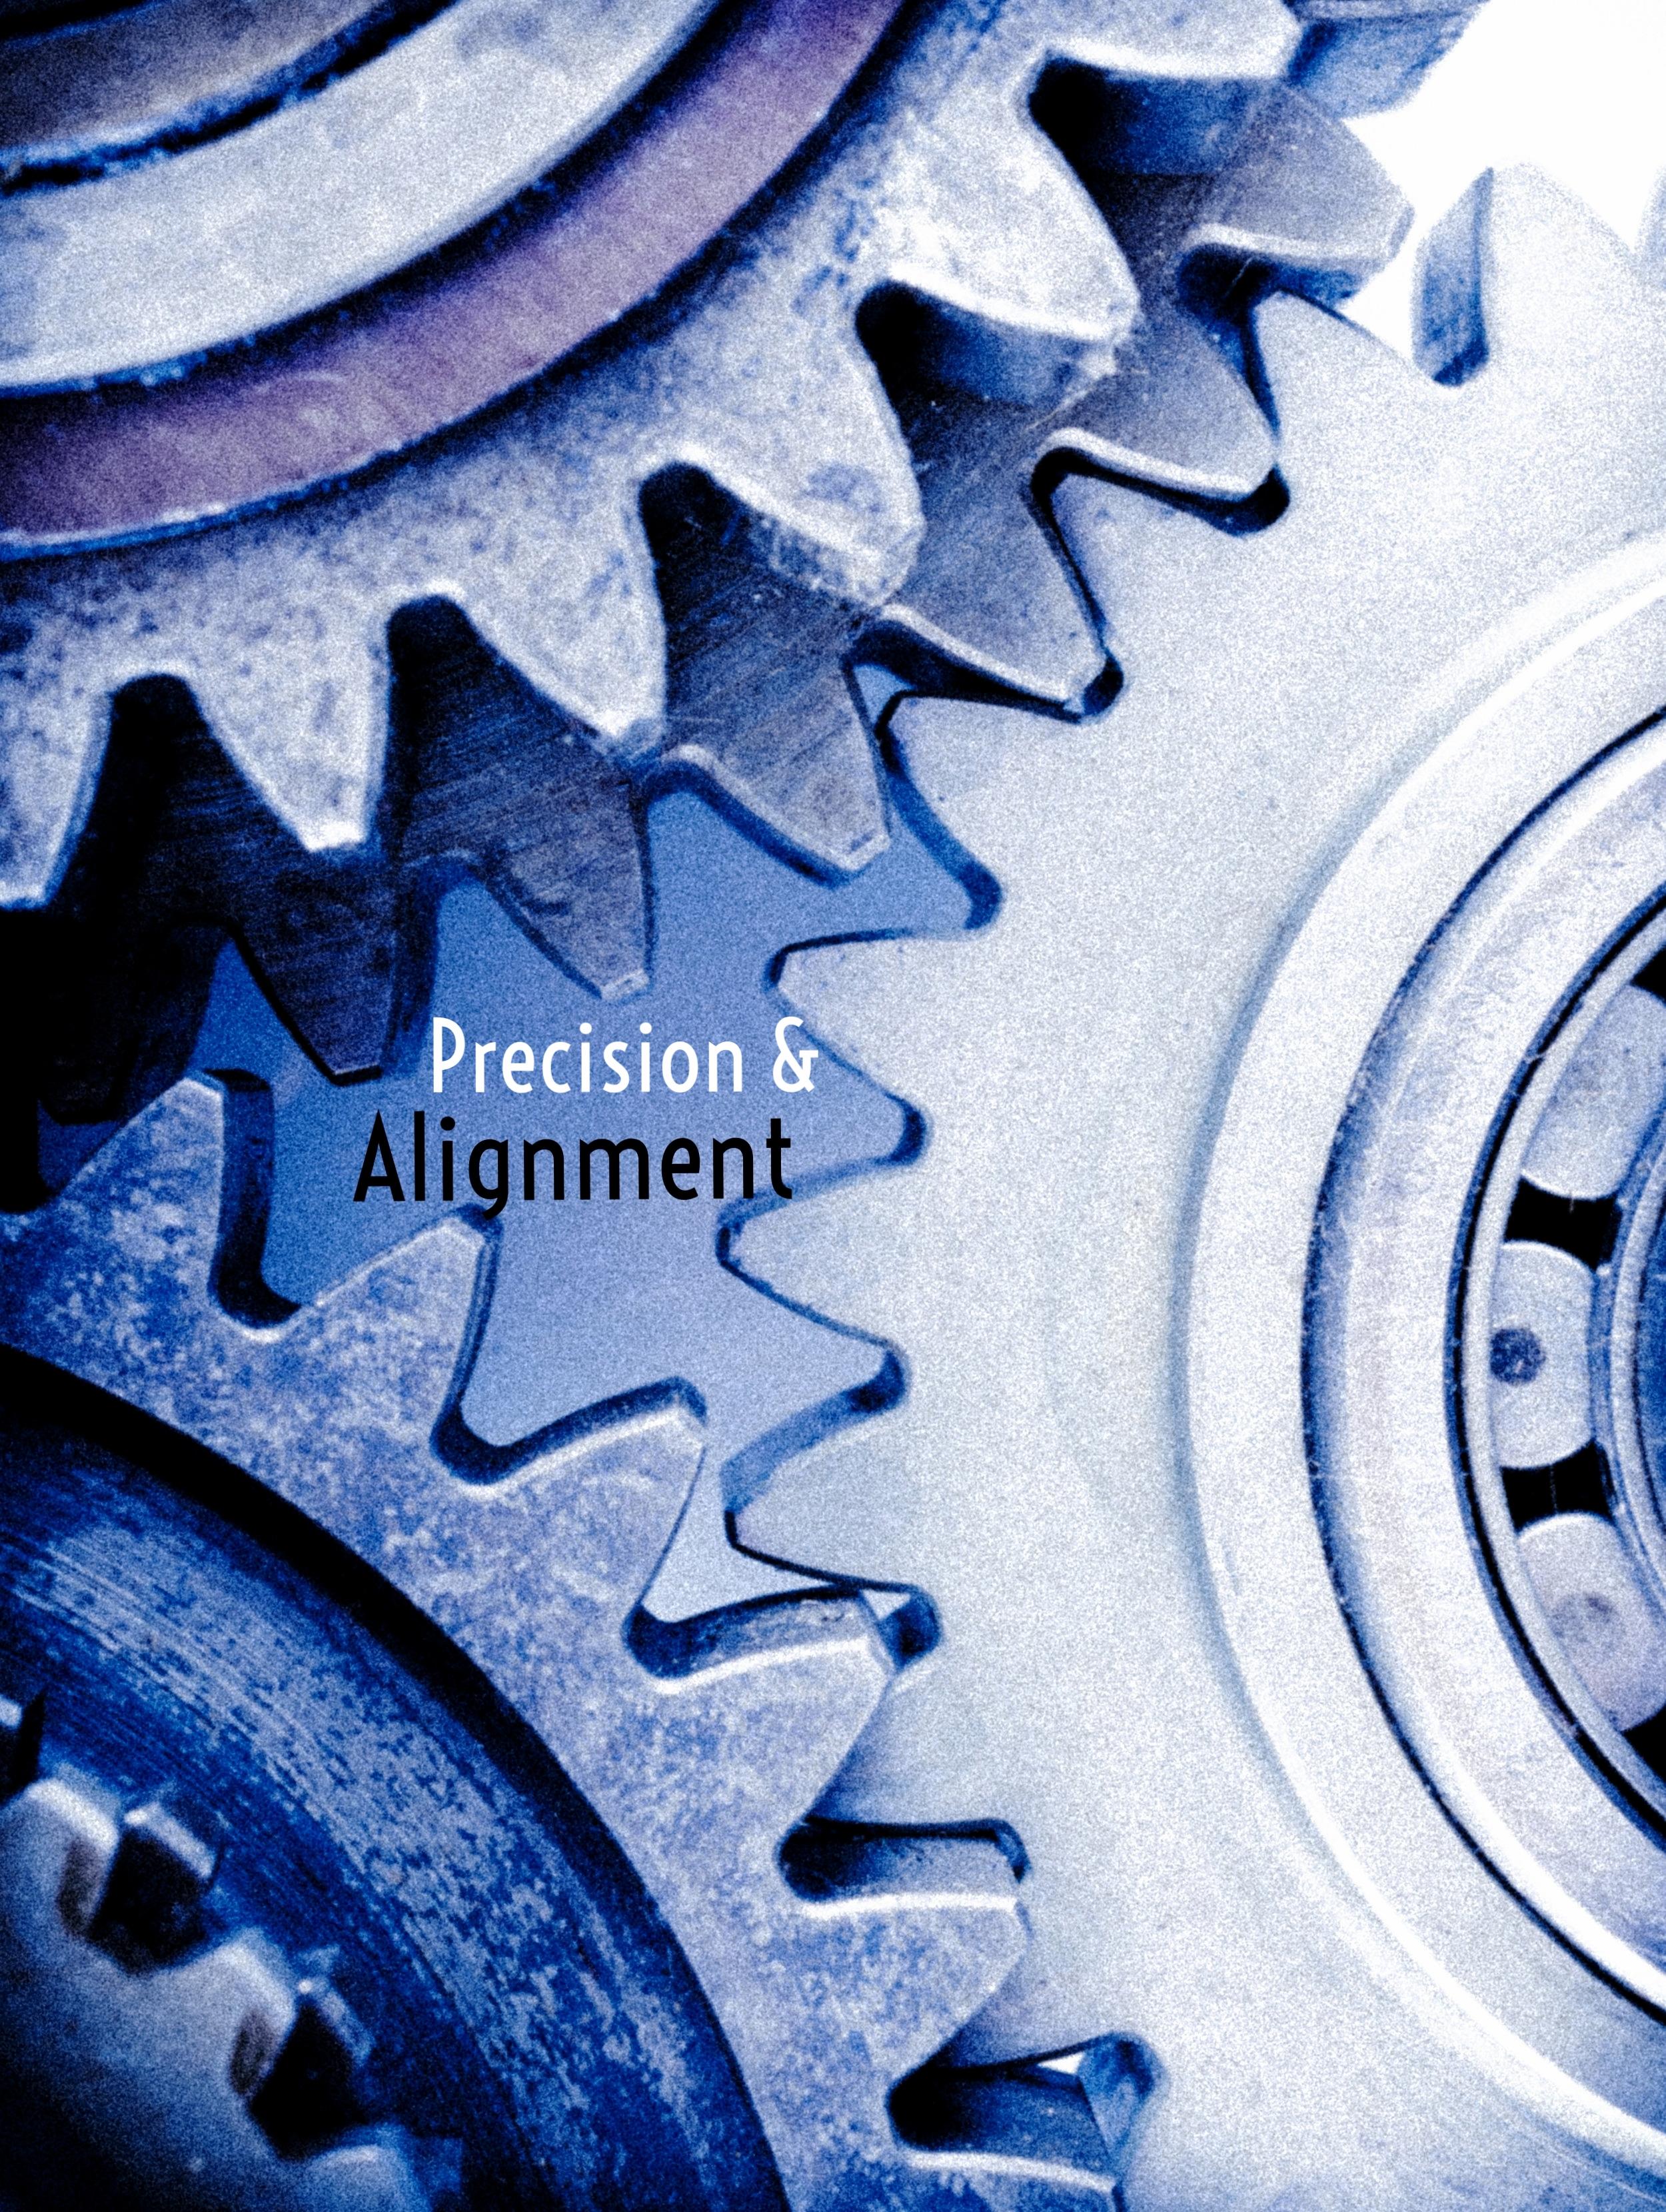 Precision & Alignment